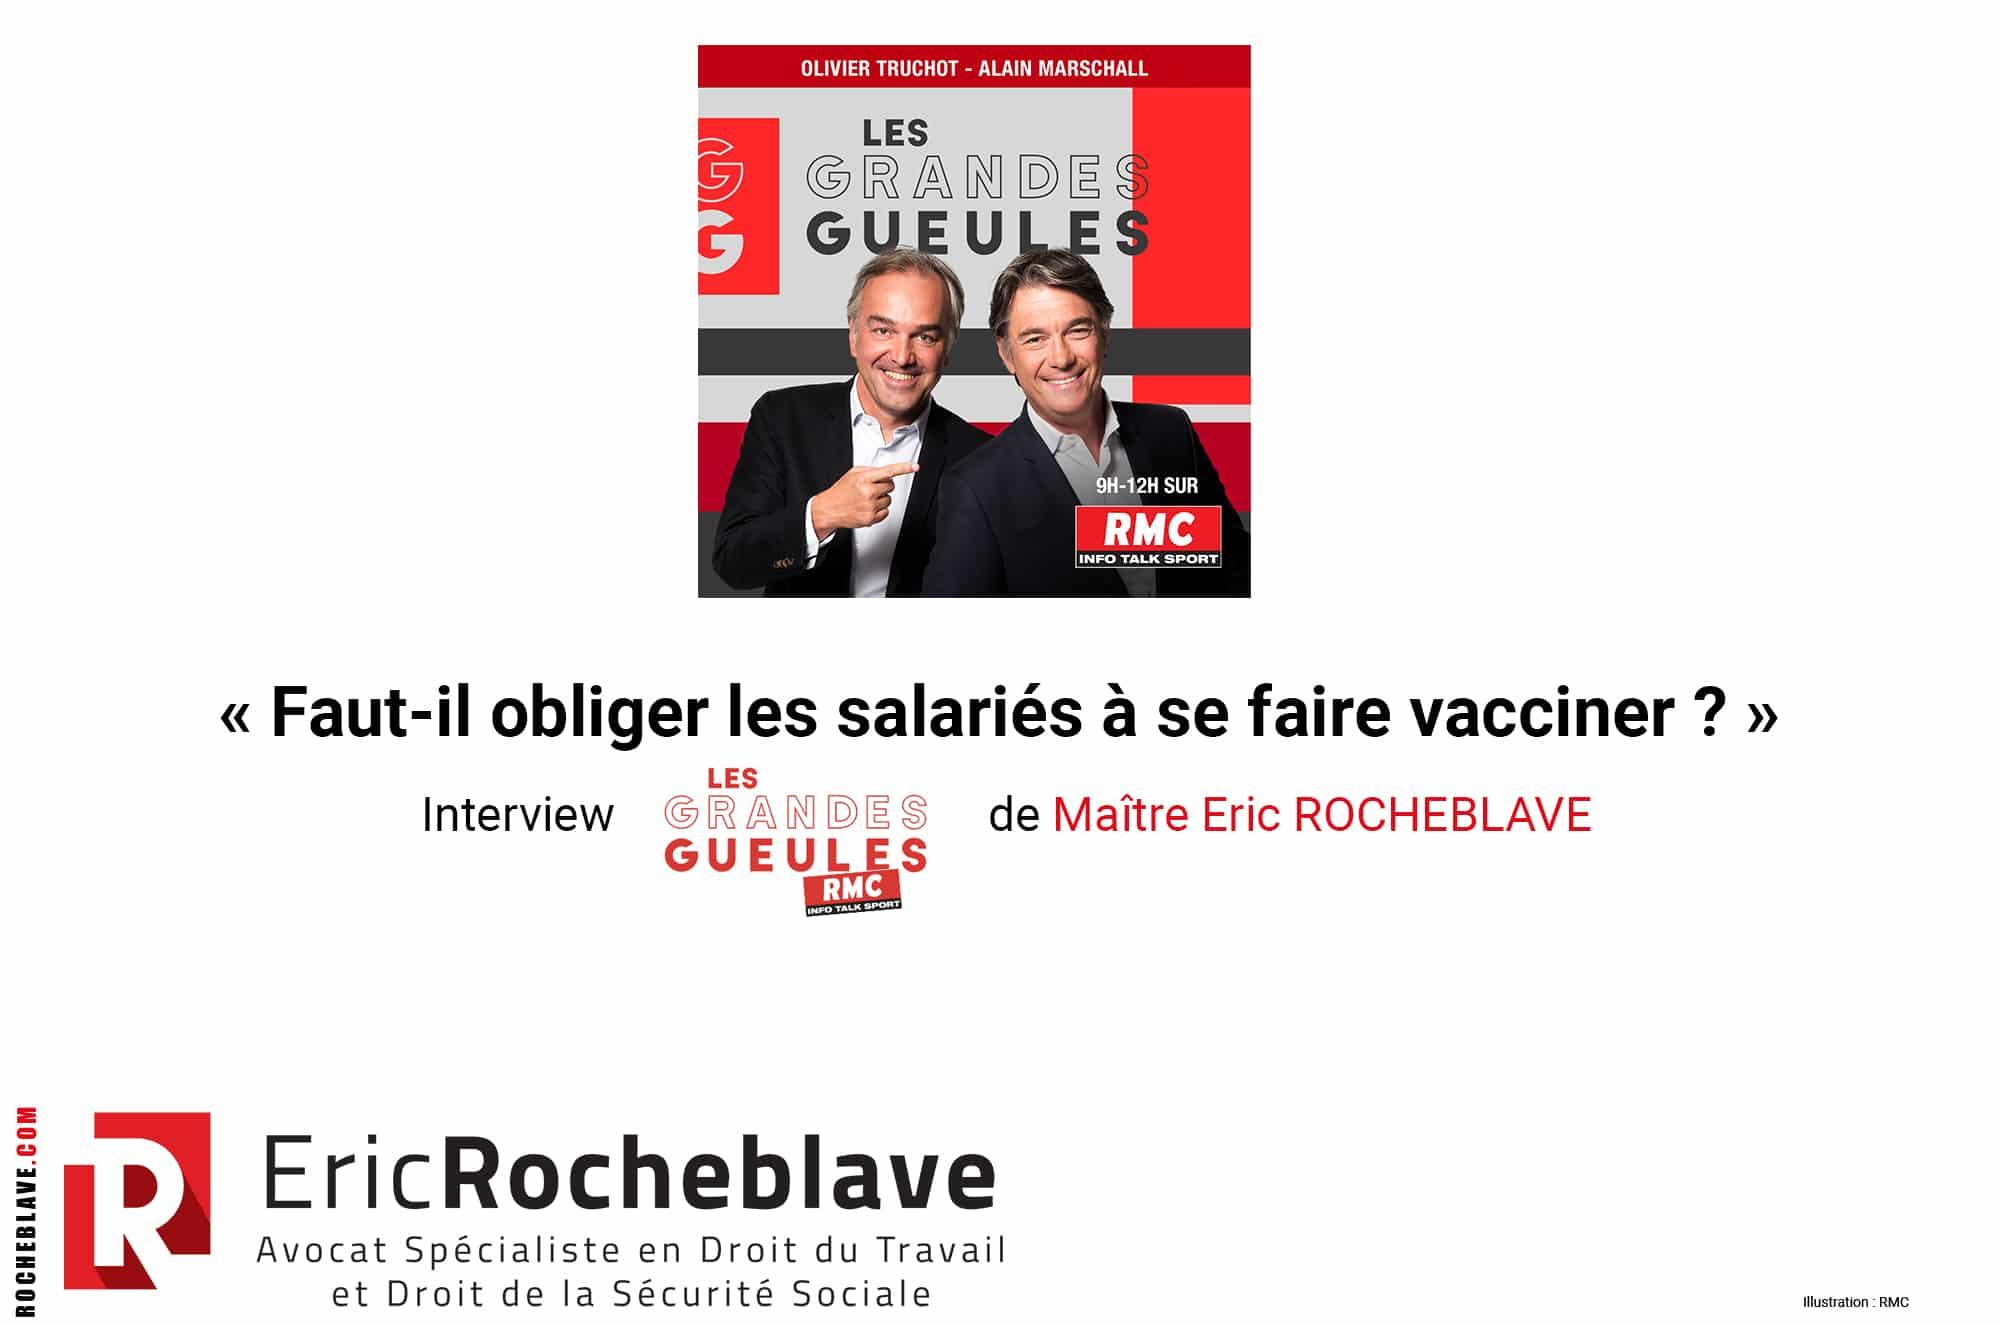 « Faut-il obliger les salariés à se faire vacciner ? » Interview RMC - Les Grandes Gueules de Maître Eric ROCHEBLAVE